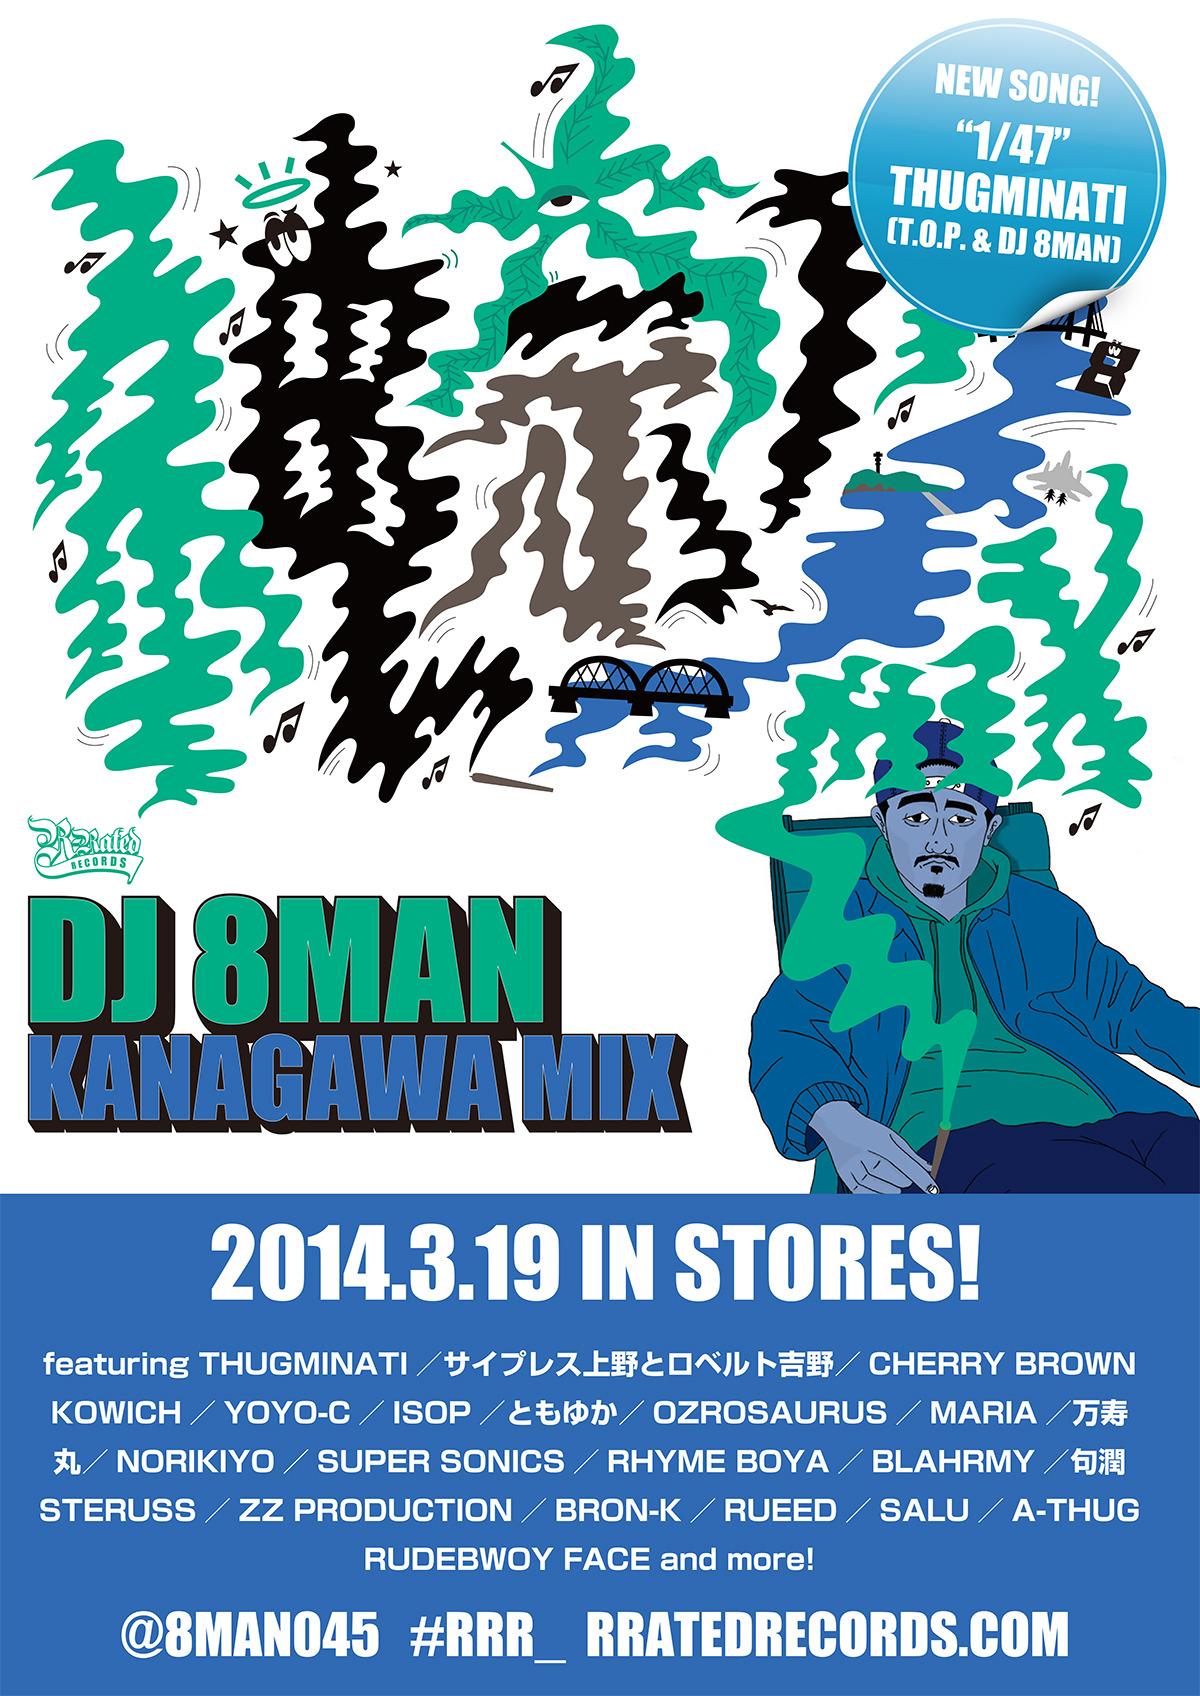 DJ 8MAN - KANAGAWA MIX ポスター